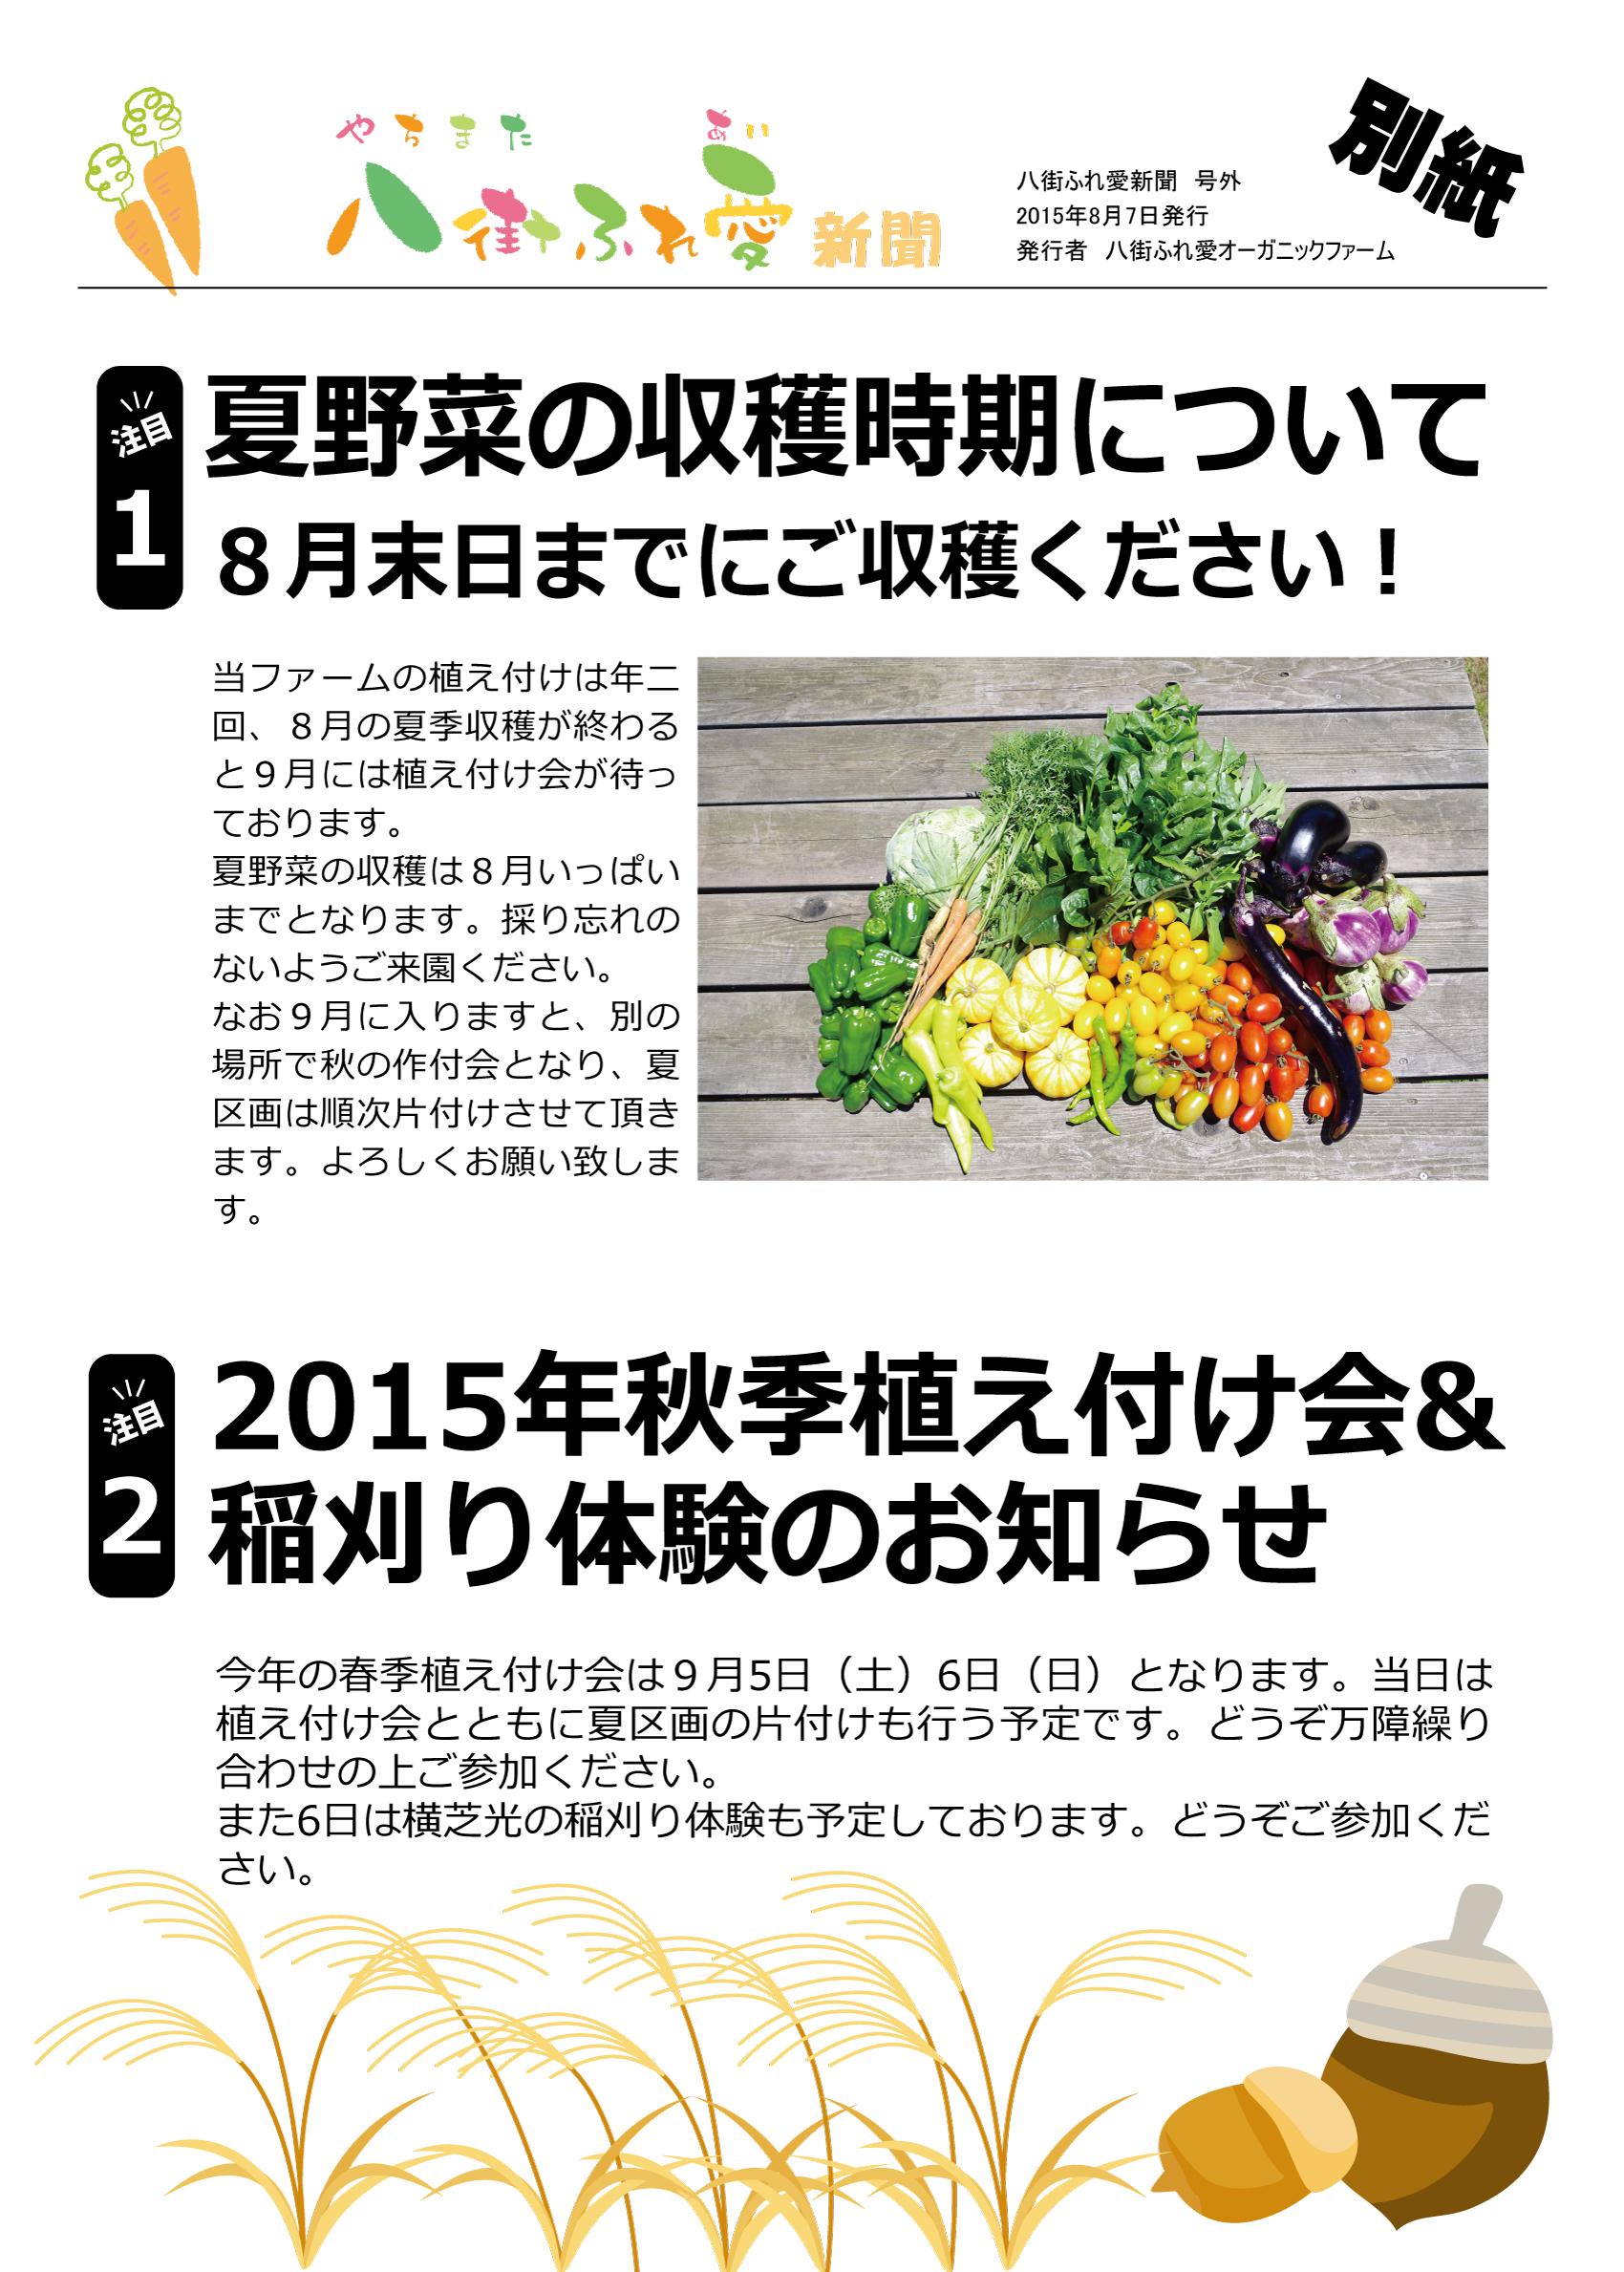 夏野菜の収穫時期について 2015年秋季植え付け会&稲刈り体験のお知らせ